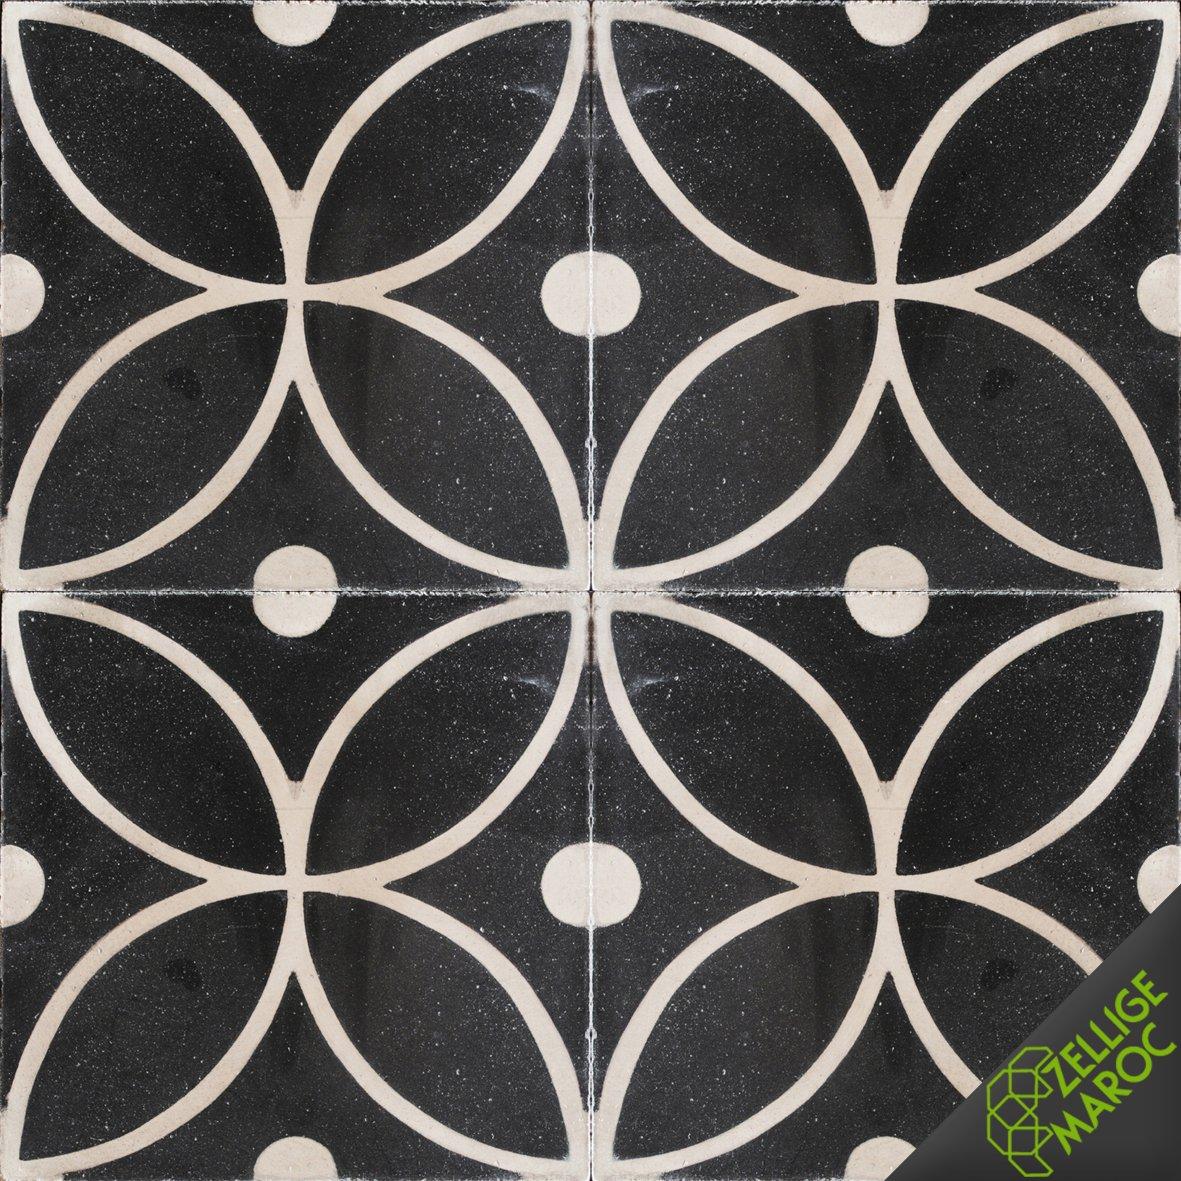 carreaux ciment n10 zellige maroc. Black Bedroom Furniture Sets. Home Design Ideas